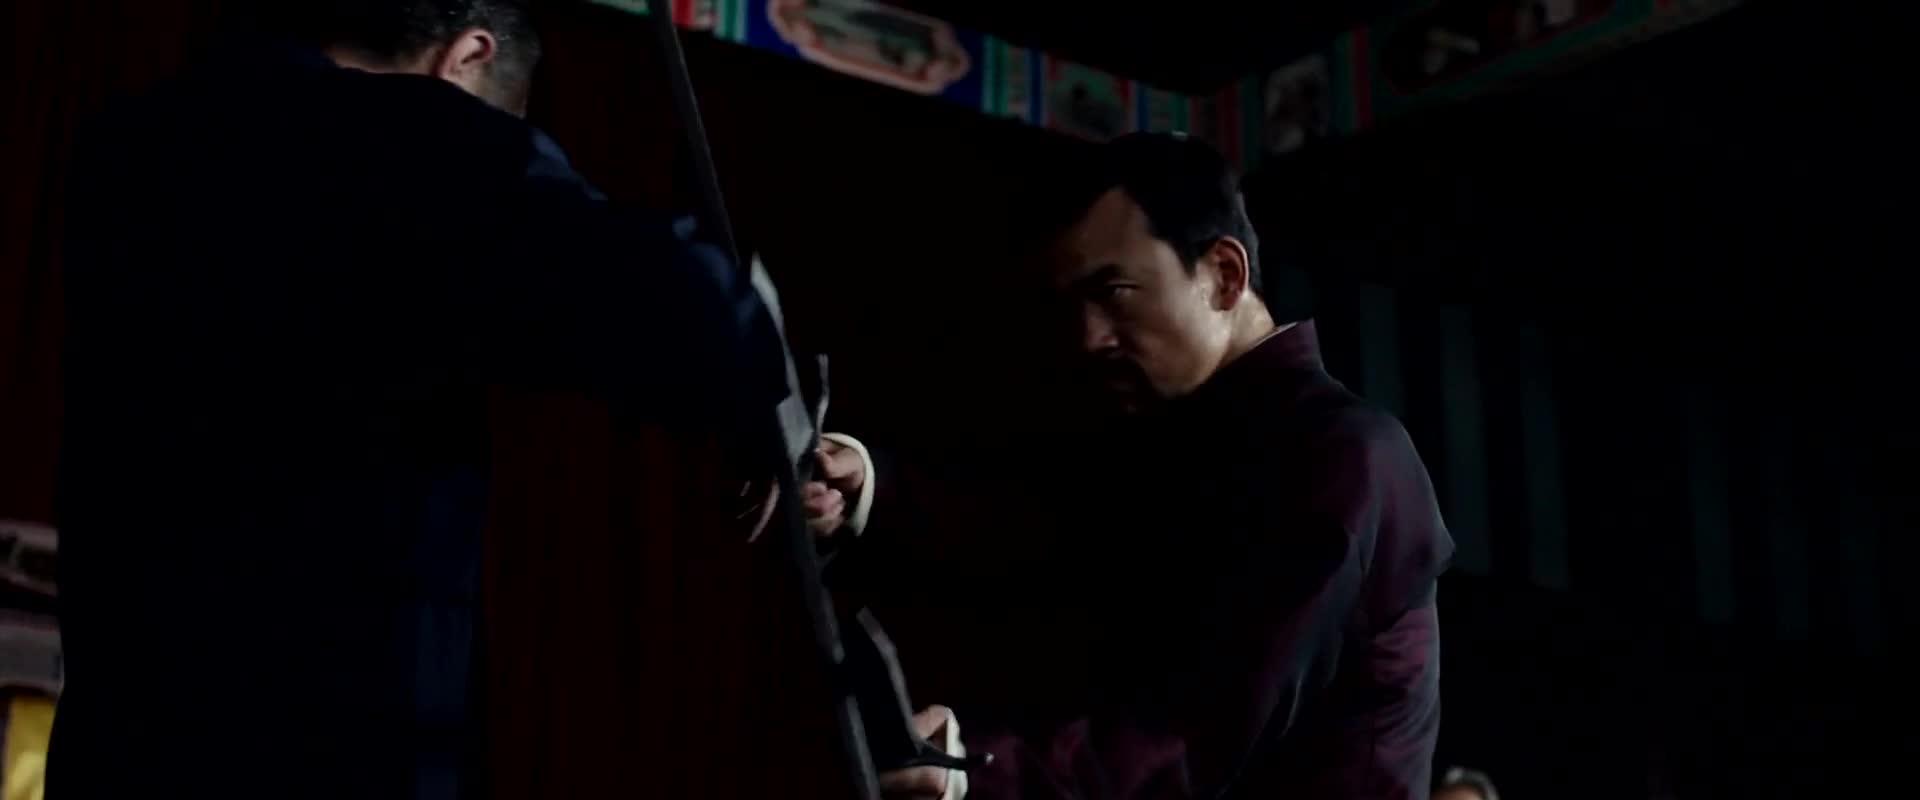 三把铡刀打男子短刀,胜之不武啊,直接把男子挟持了